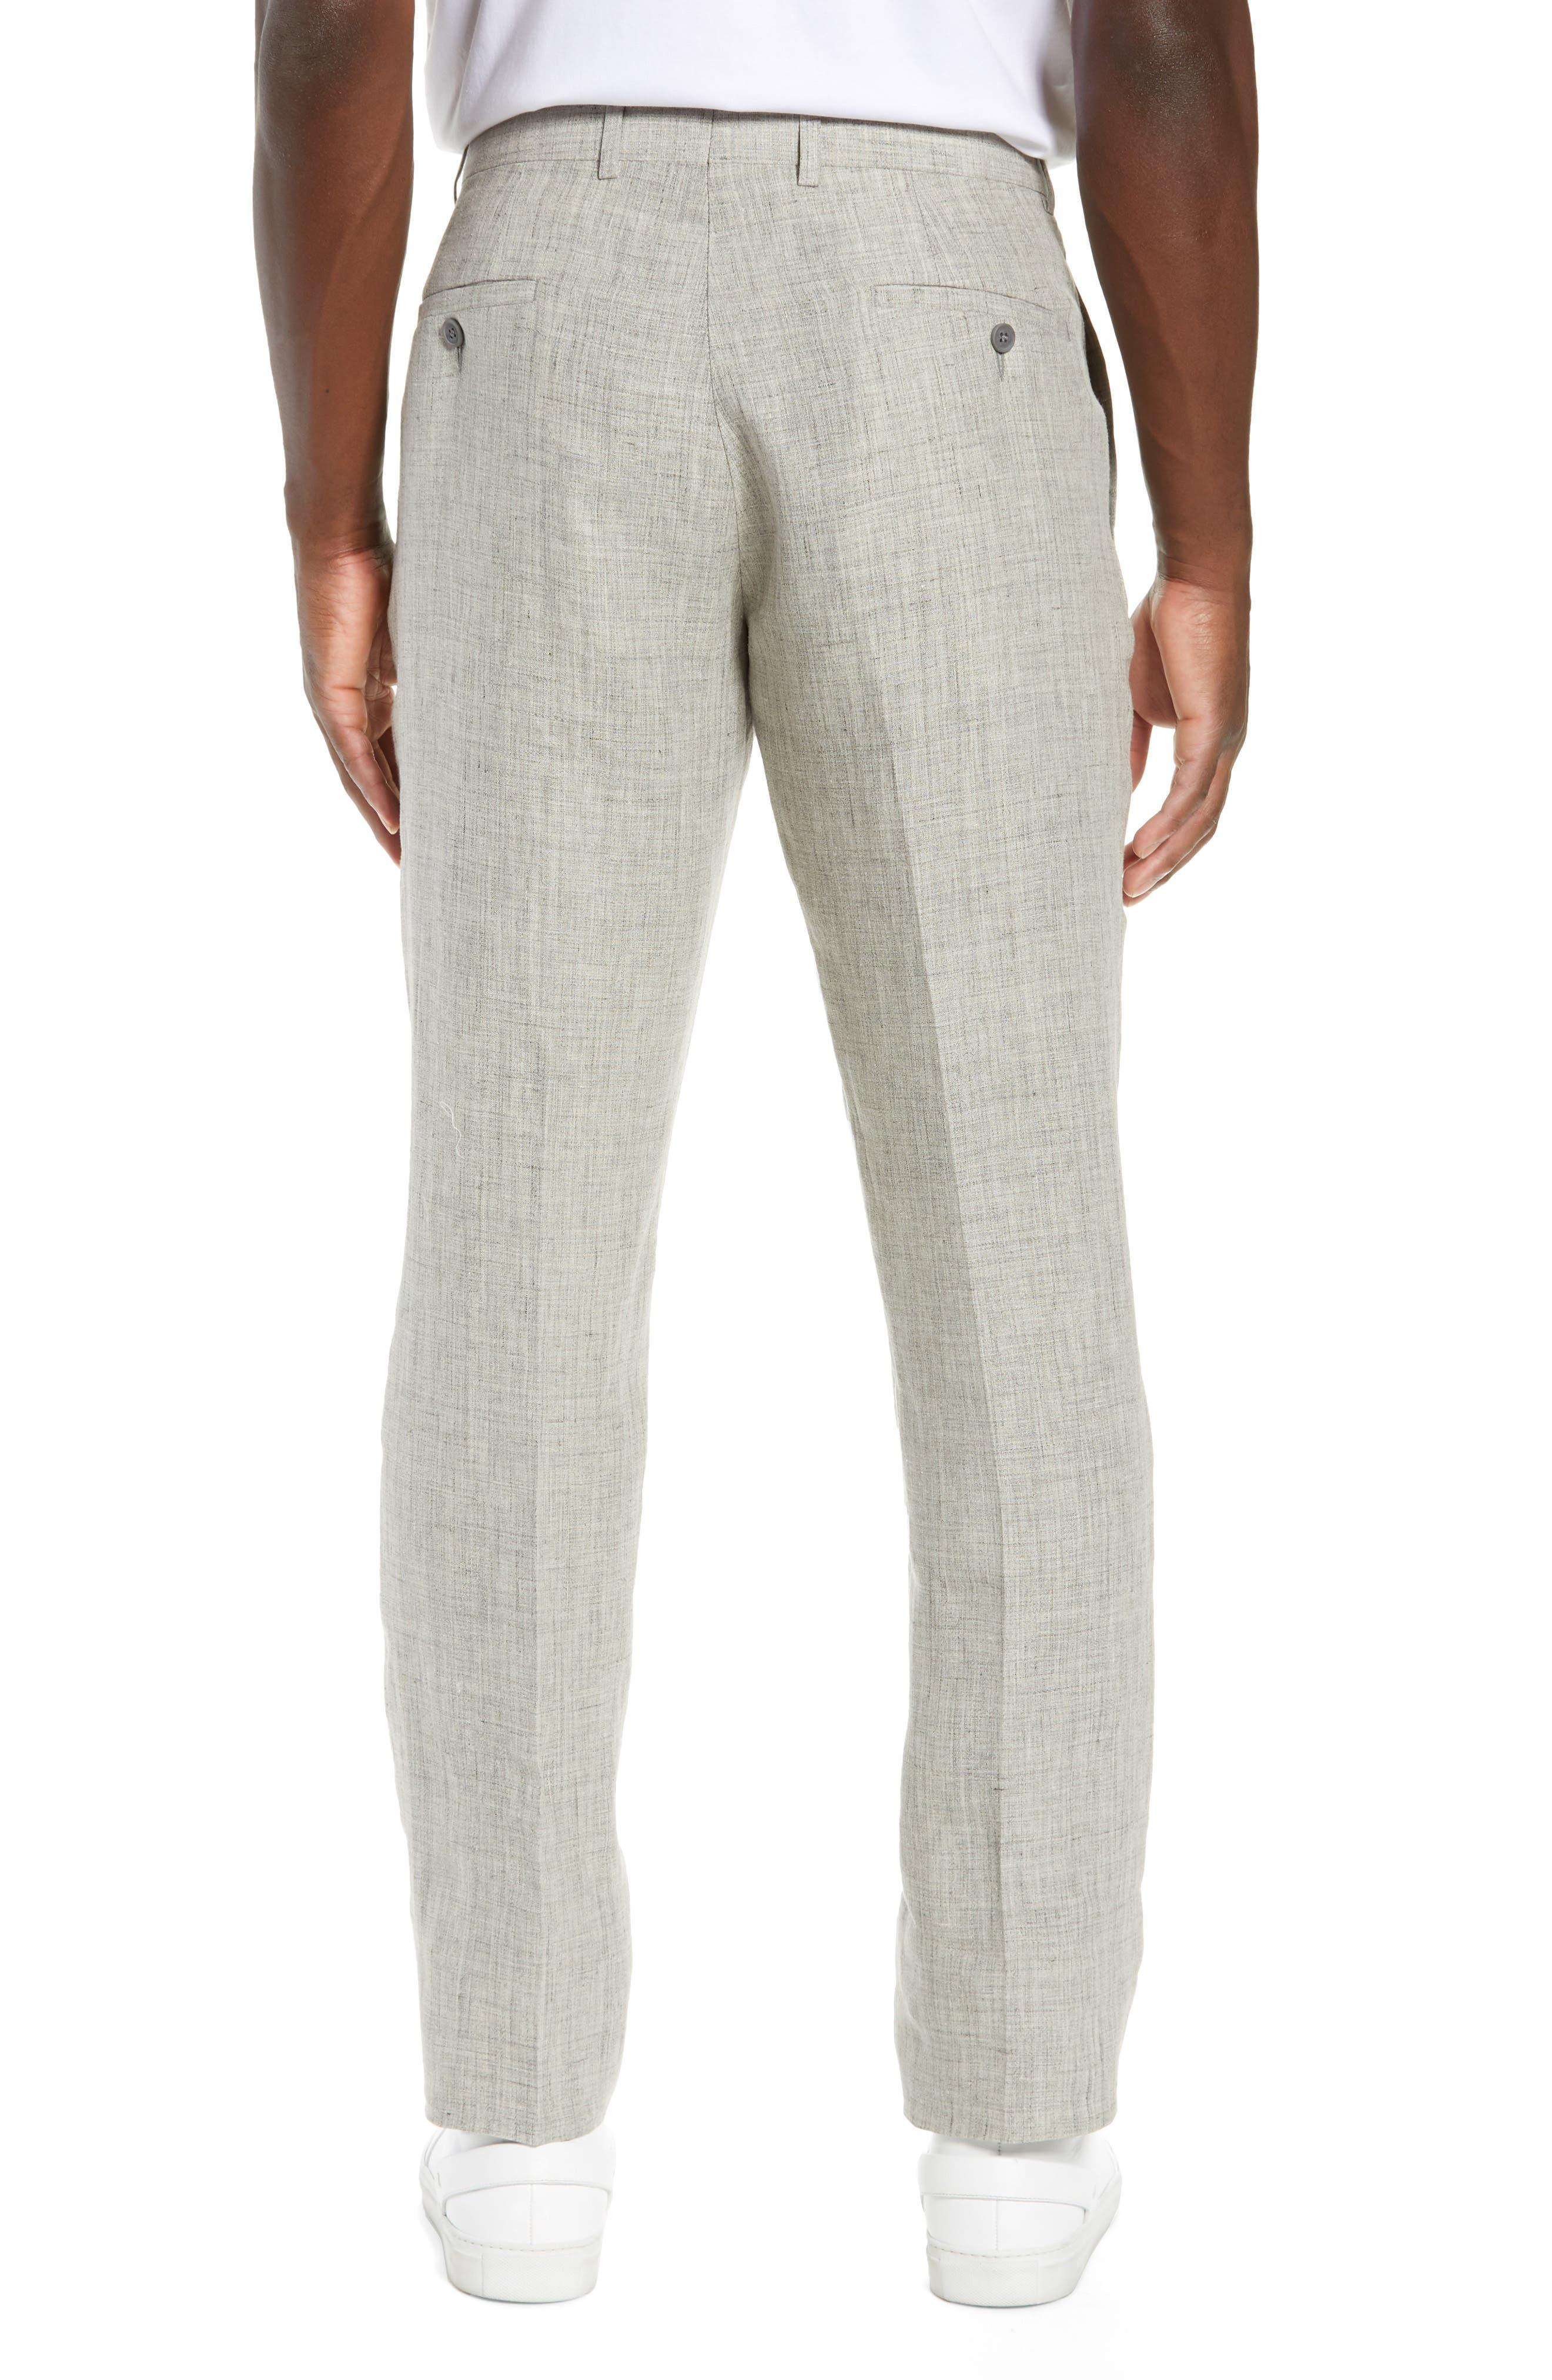 NORDSTROM MEN'S SHOP, Flat Front Mélange Linen Trousers, Alternate thumbnail 2, color, LIGHT GREY